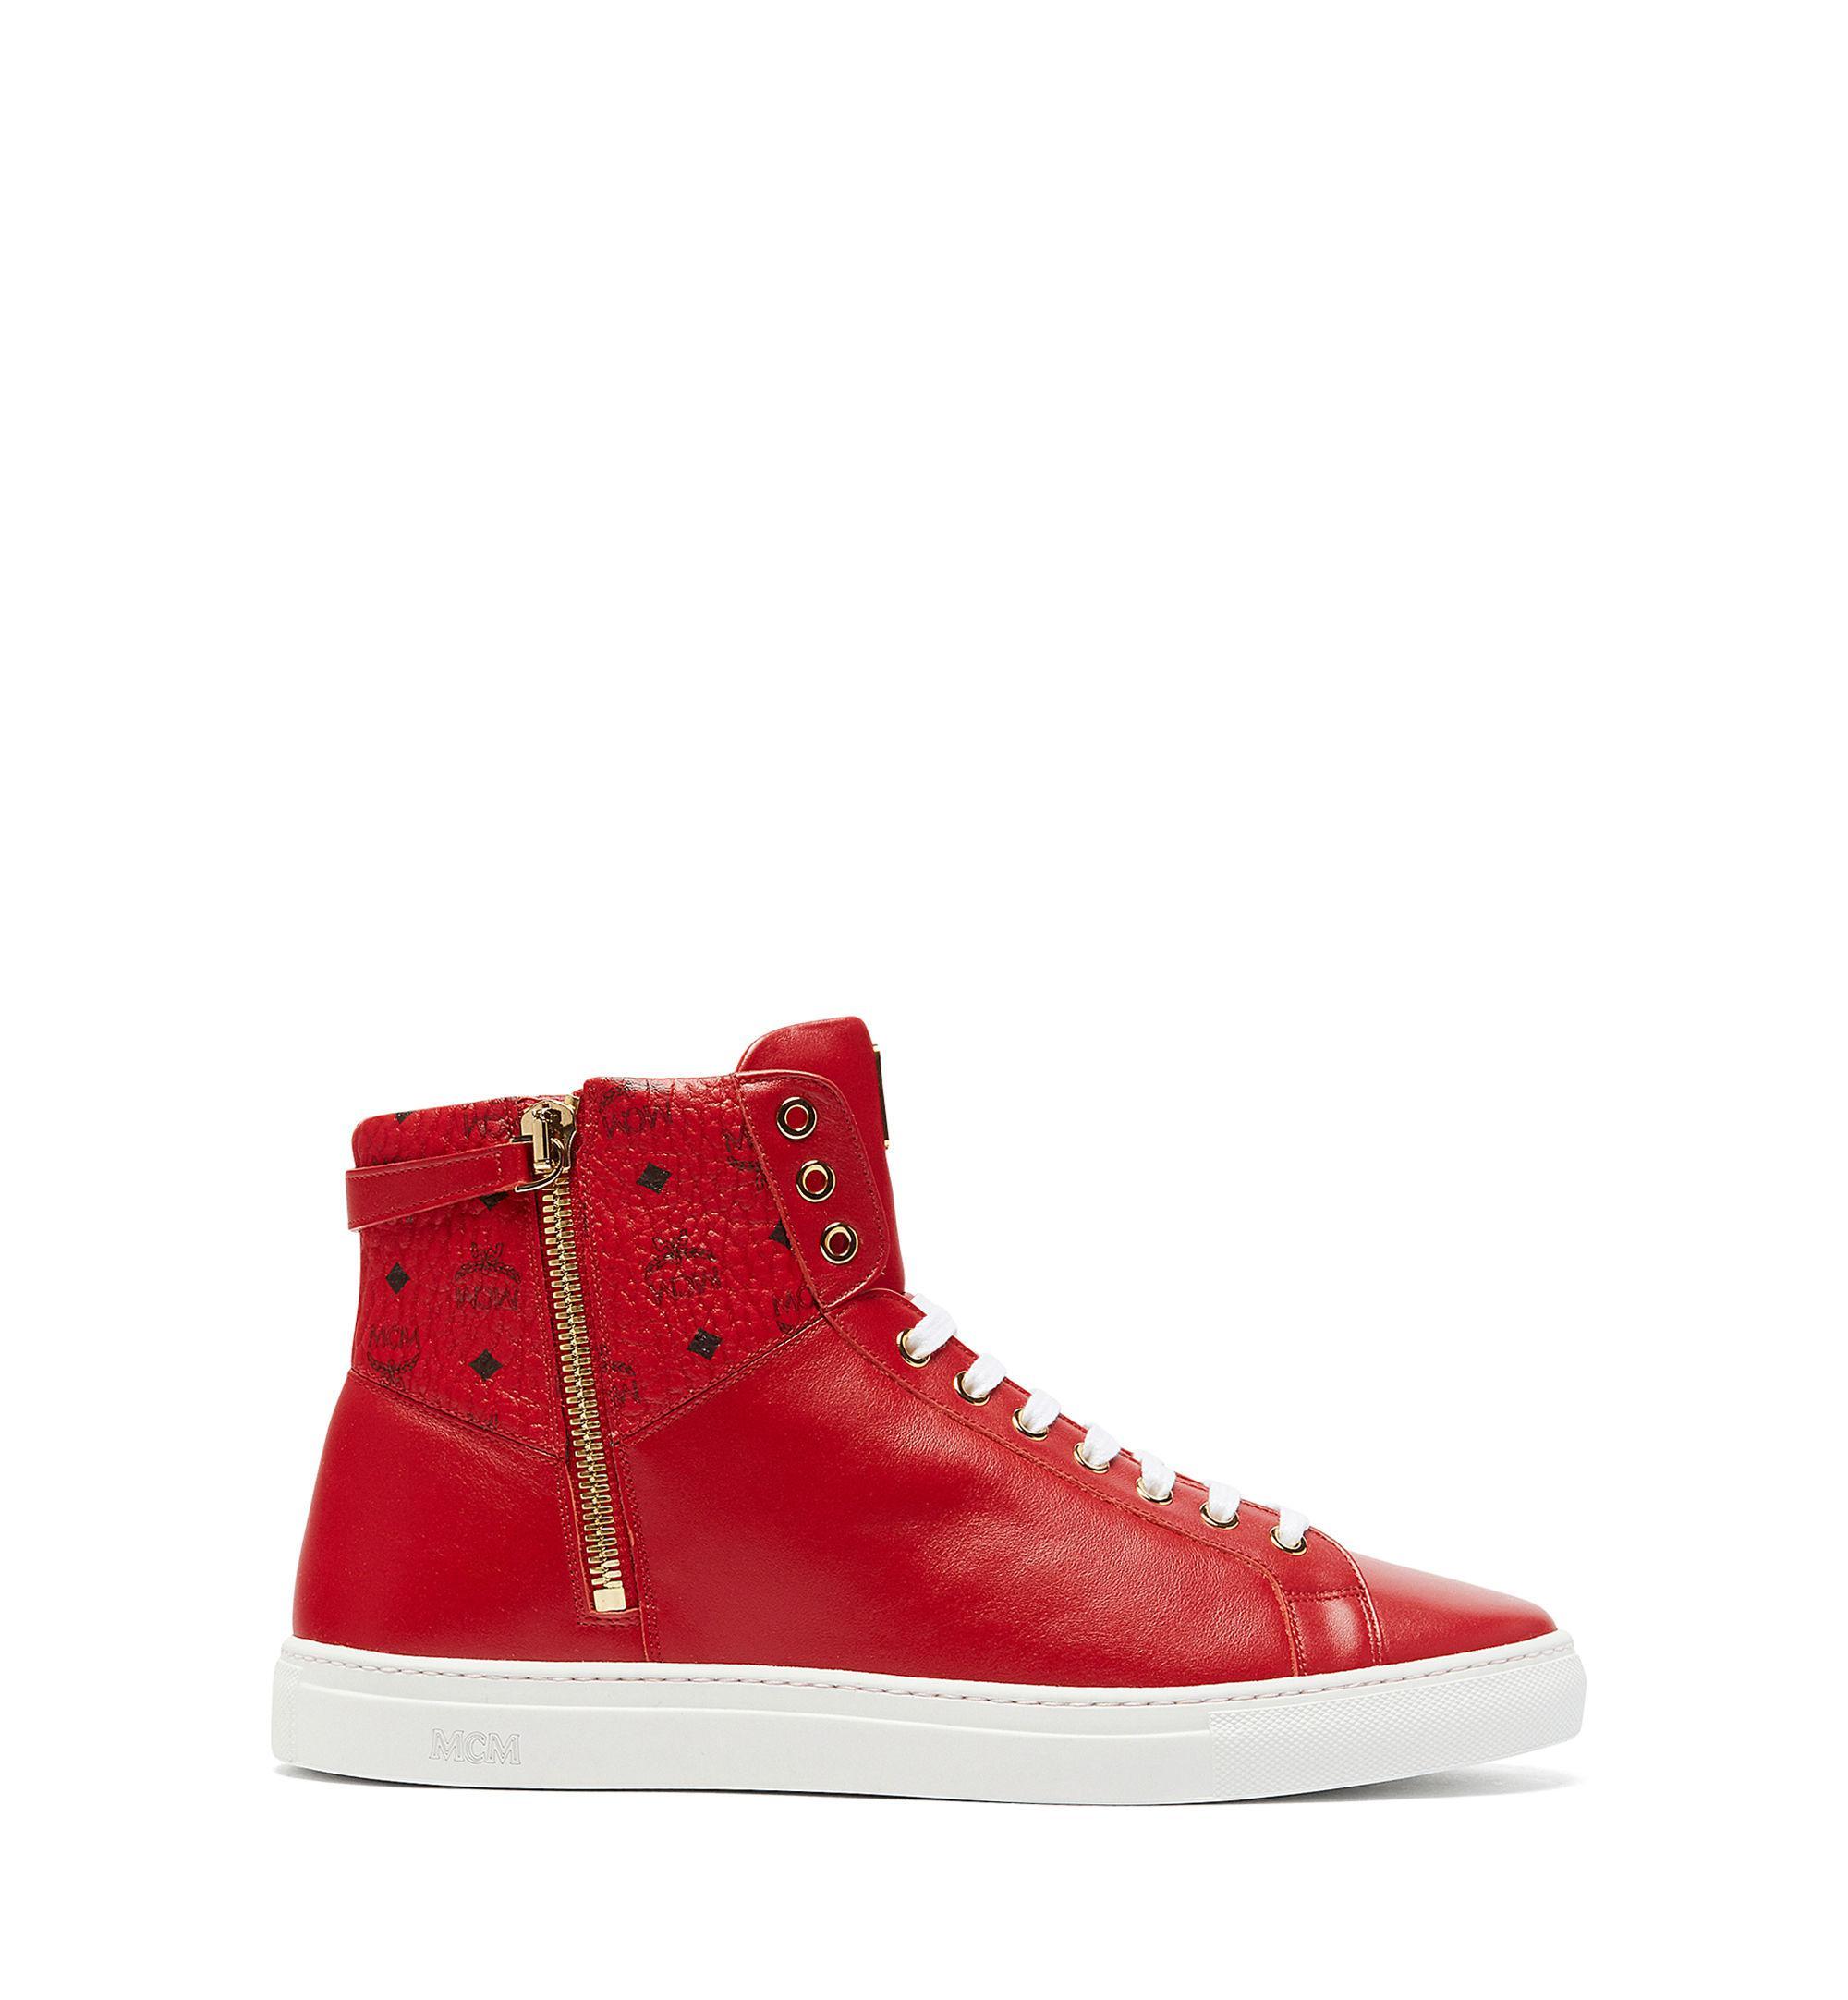 2cc1d185180 Lyst - MCM Women s Visetos Zip High Top Sneakers in Red